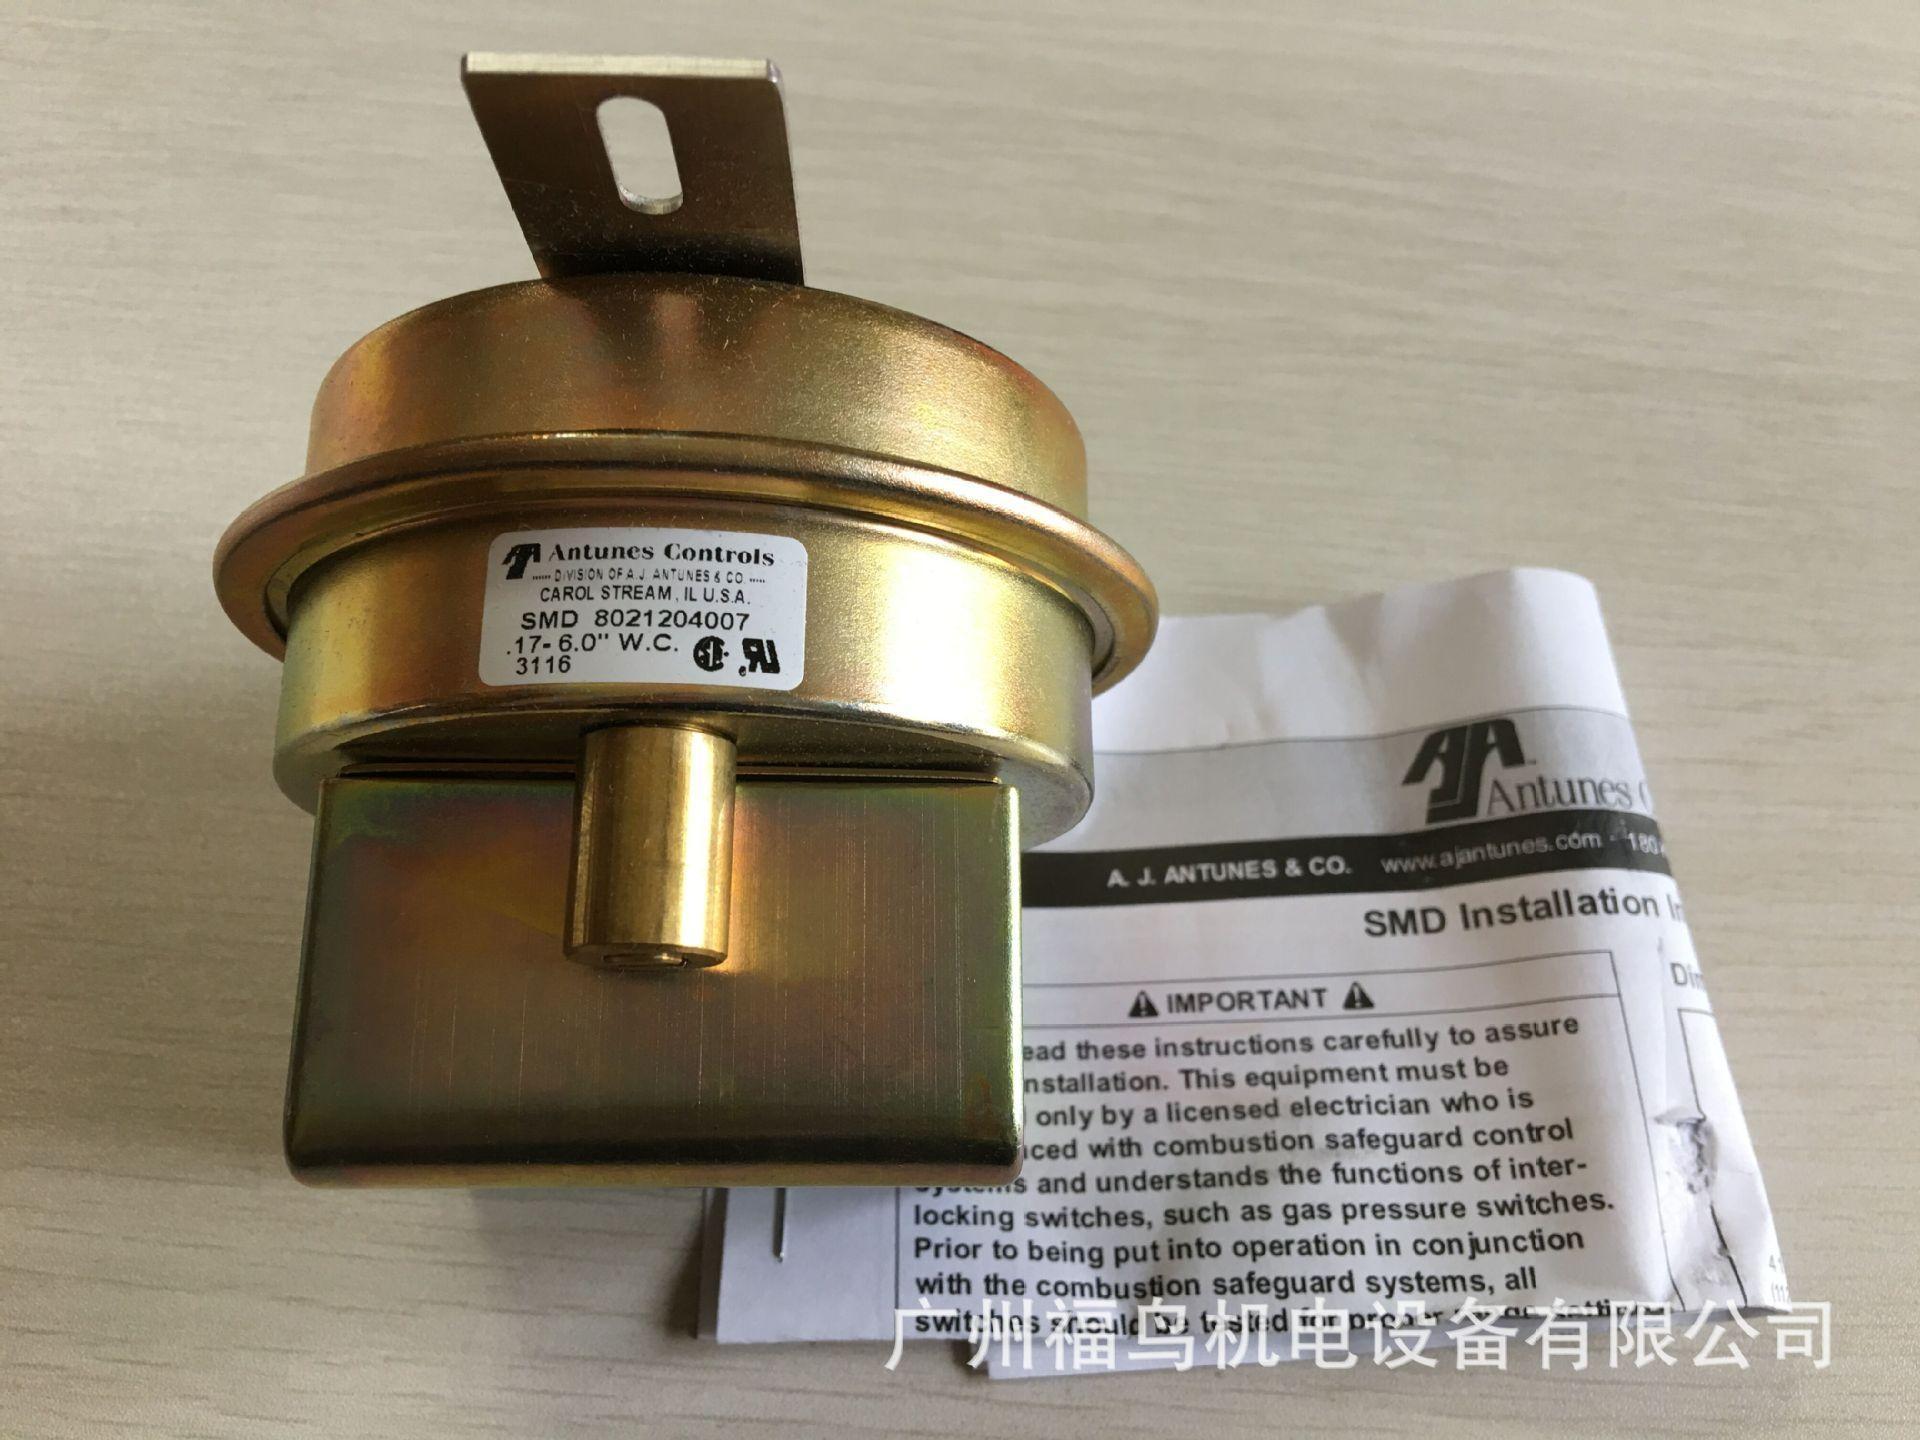 ANTUNES CONTROLS壓力開關, 型號: SMD 8021204007